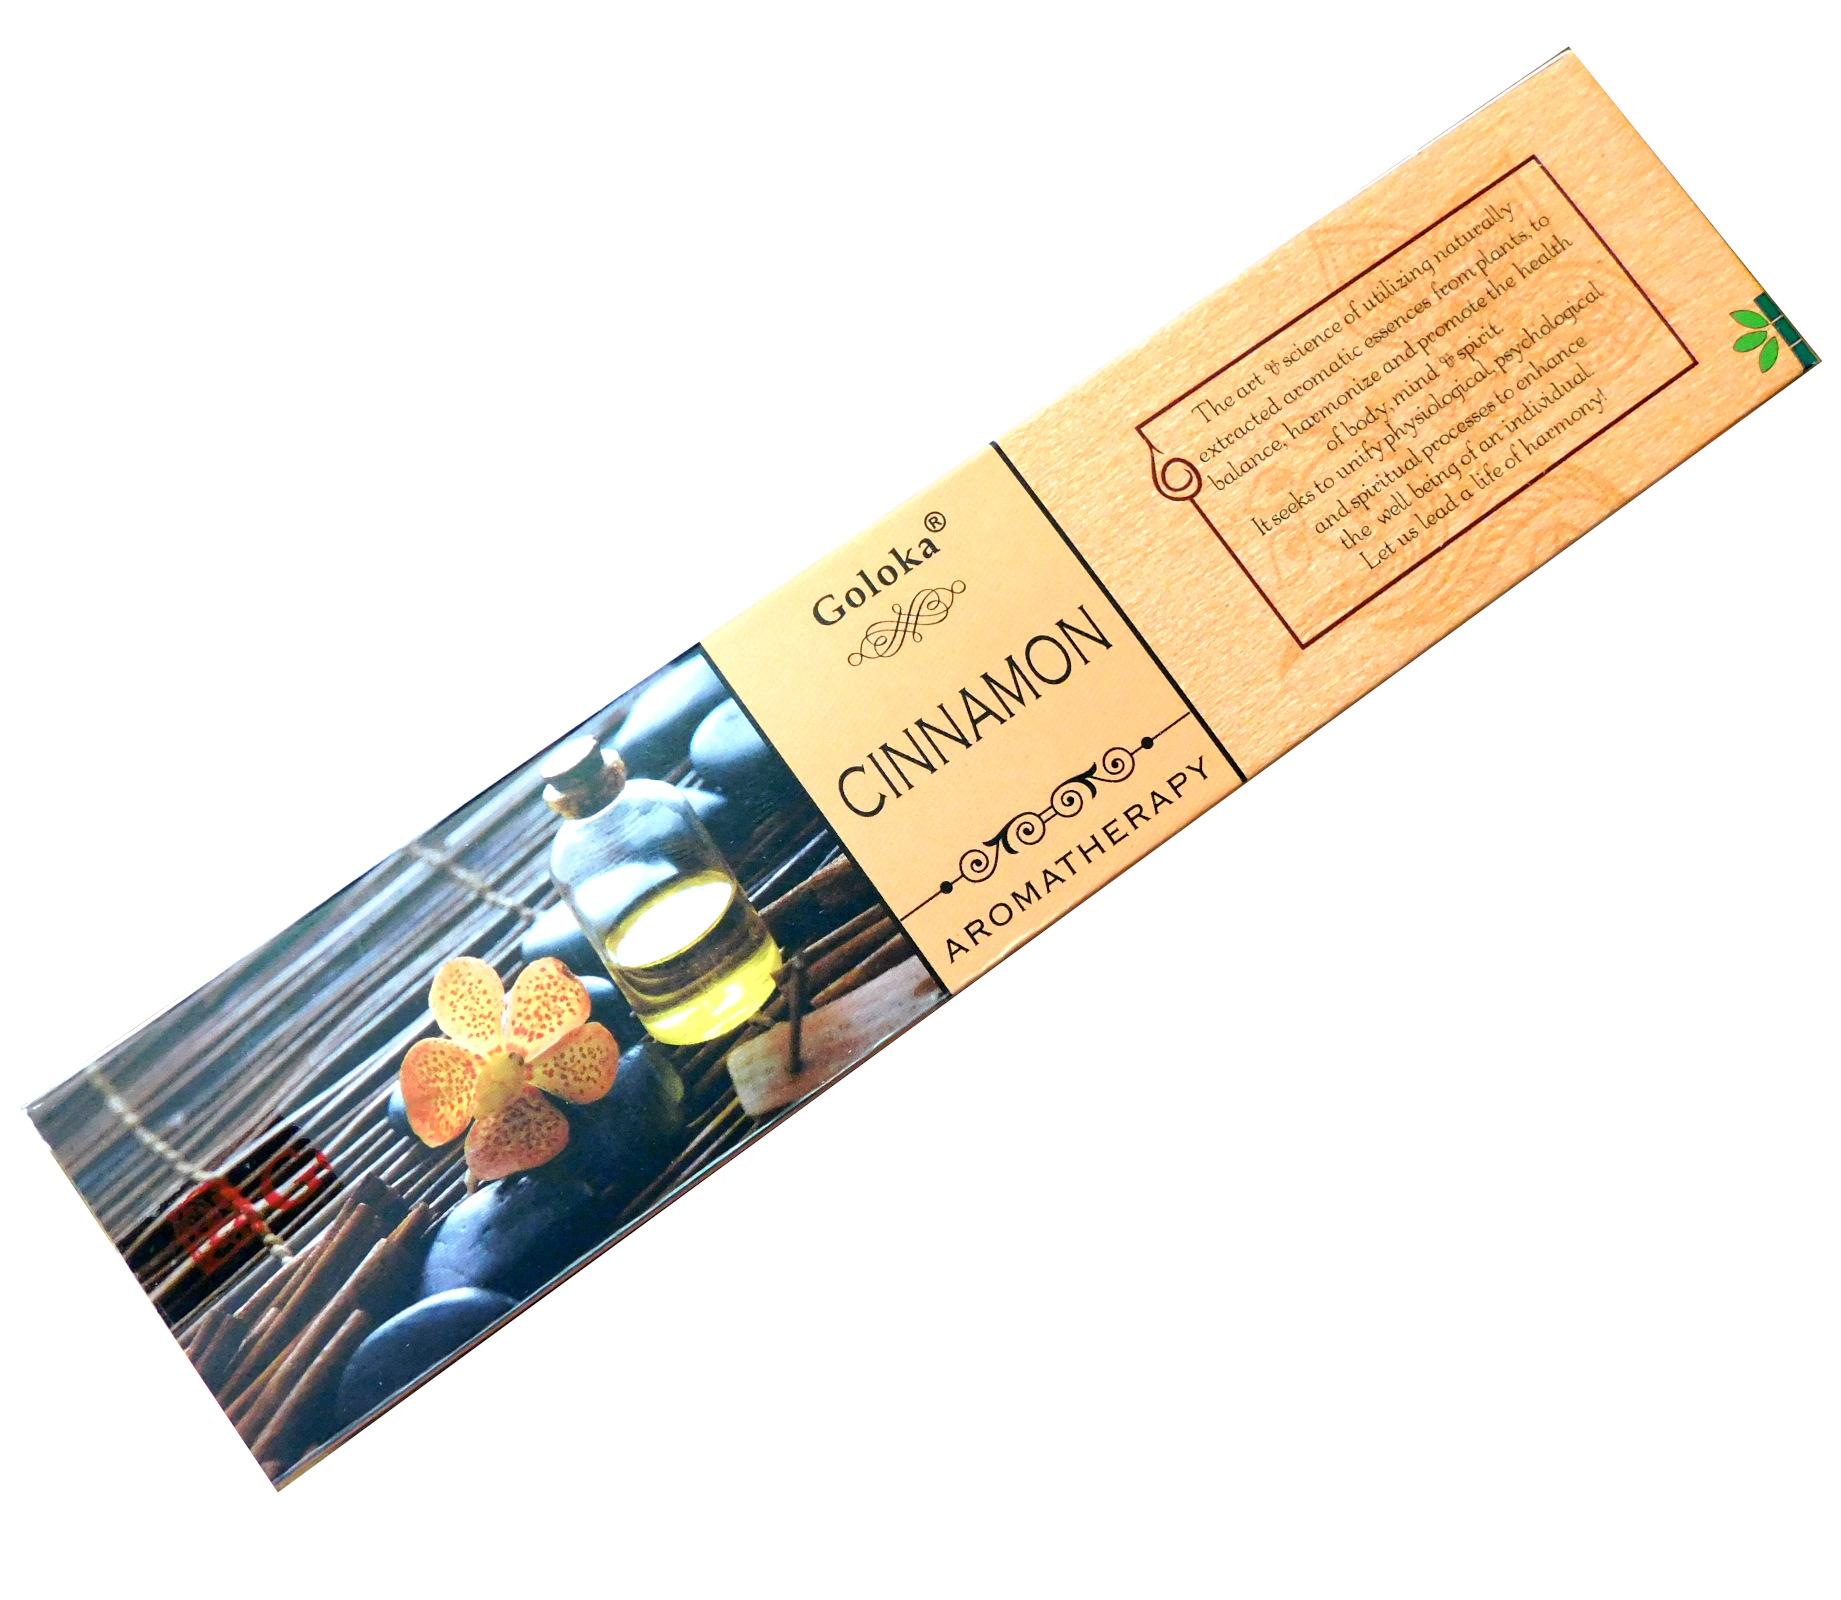 Räucherstäbchen Goloka Cinnamon